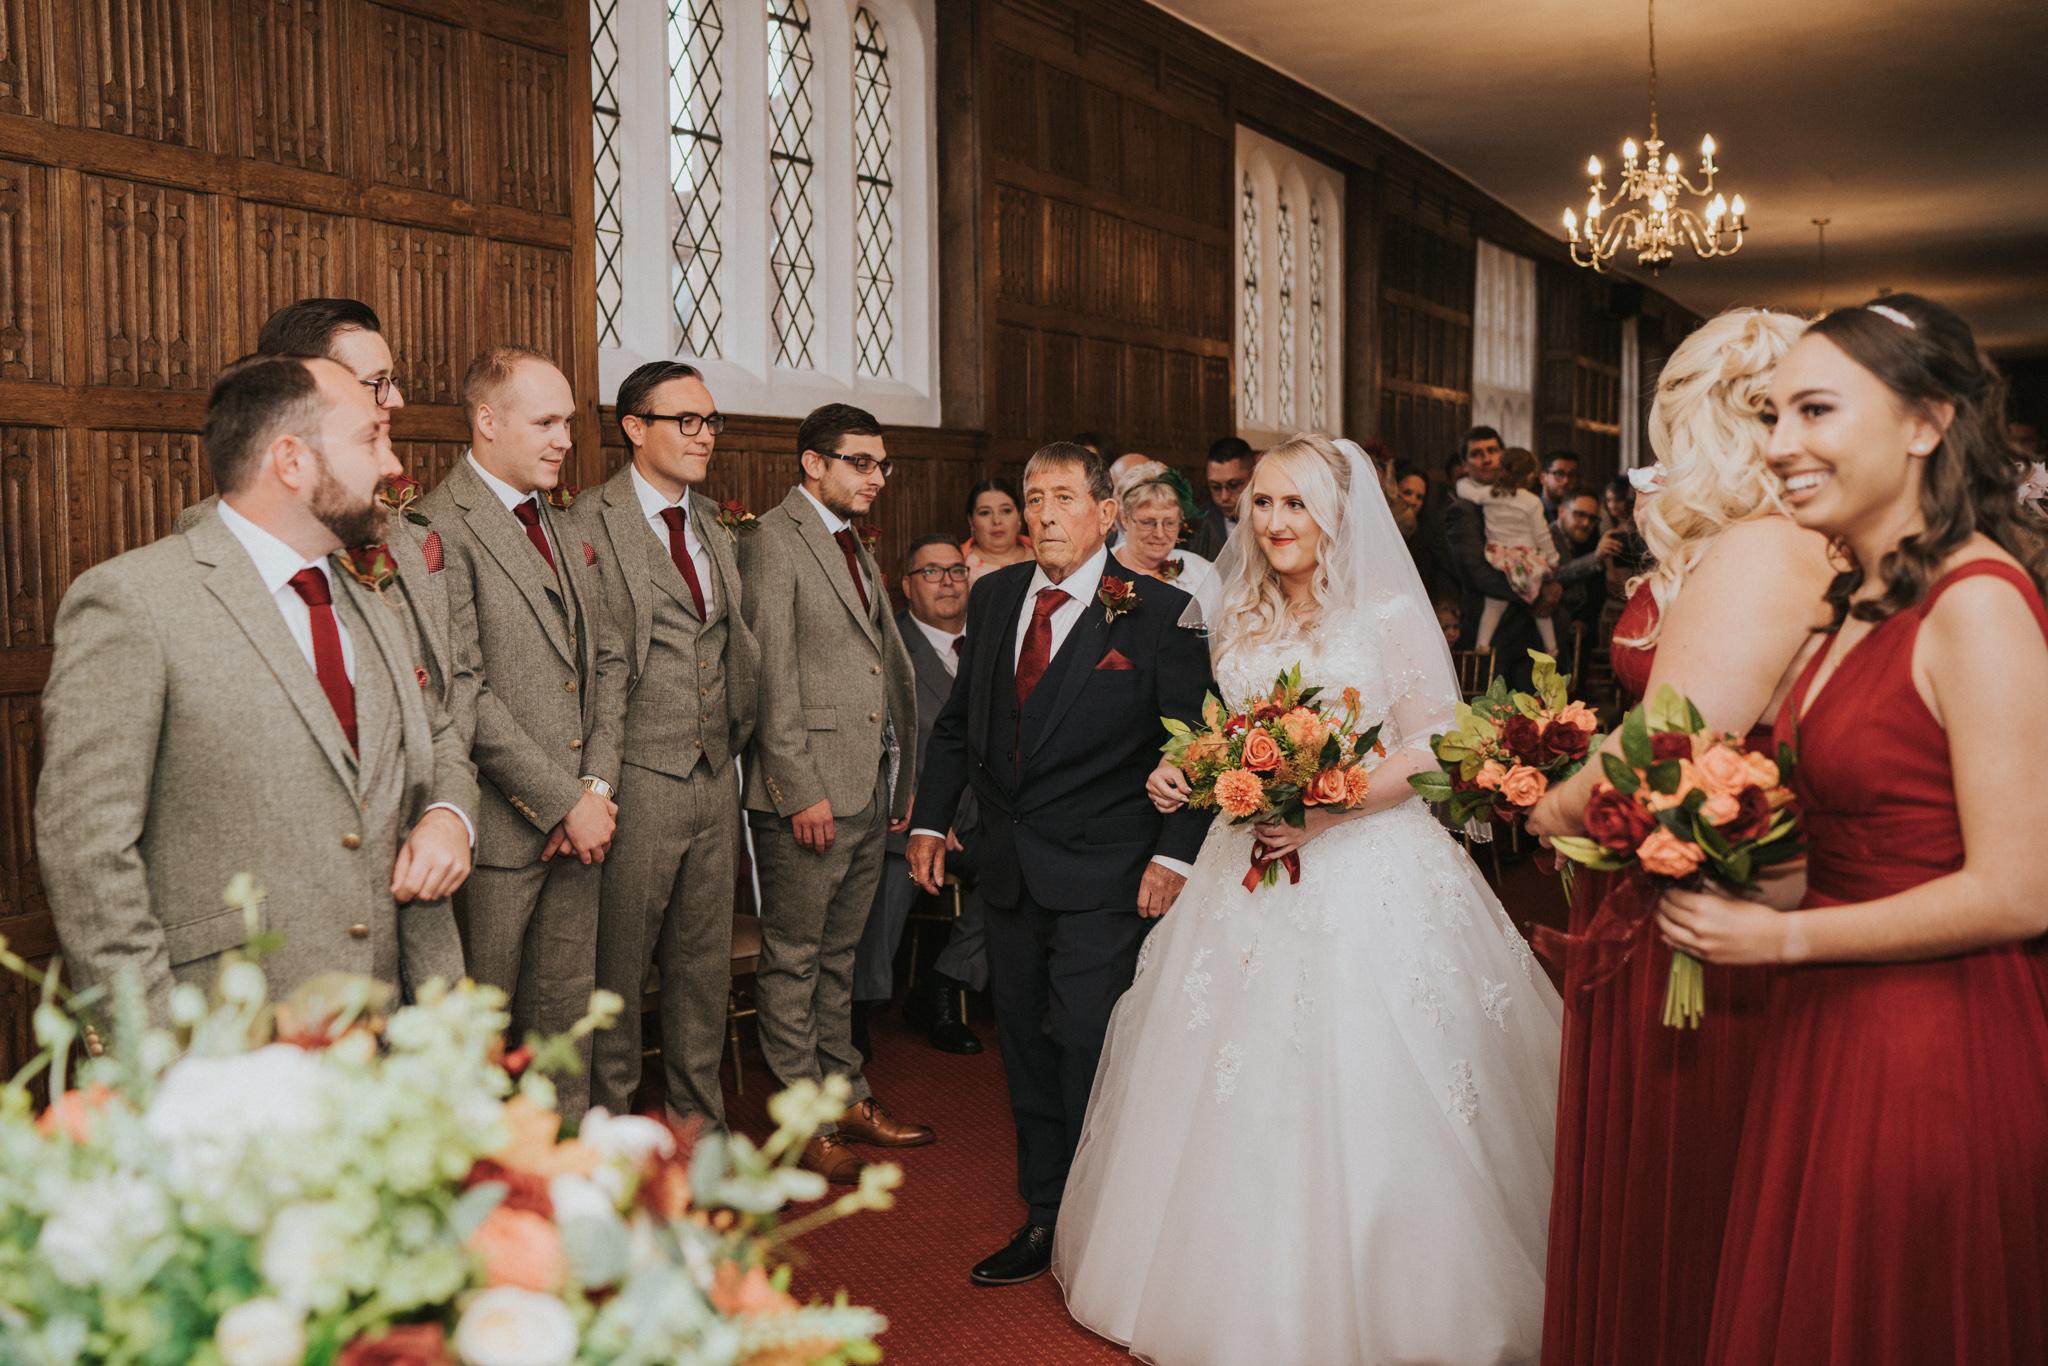 chara-neil-gosfield-hall-wedding-grace-elizabeth-colchester-essex-alternative-wedding-photographer-essex-devon-suffolk-norfolk (25 of 50).jpg